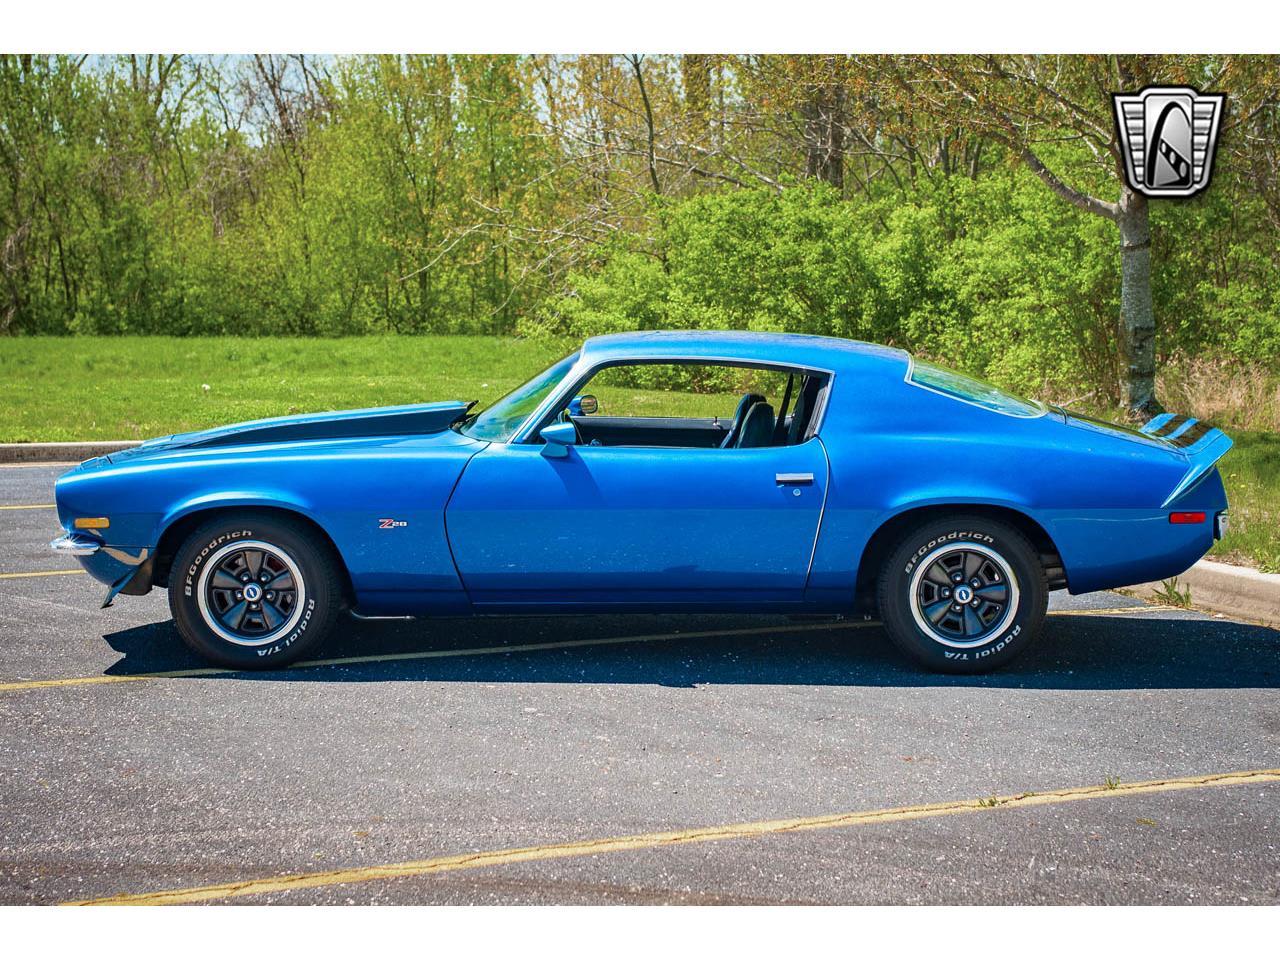 Large Picture of Classic '71 Chevrolet Camaro - $35,995.00 - QB8S